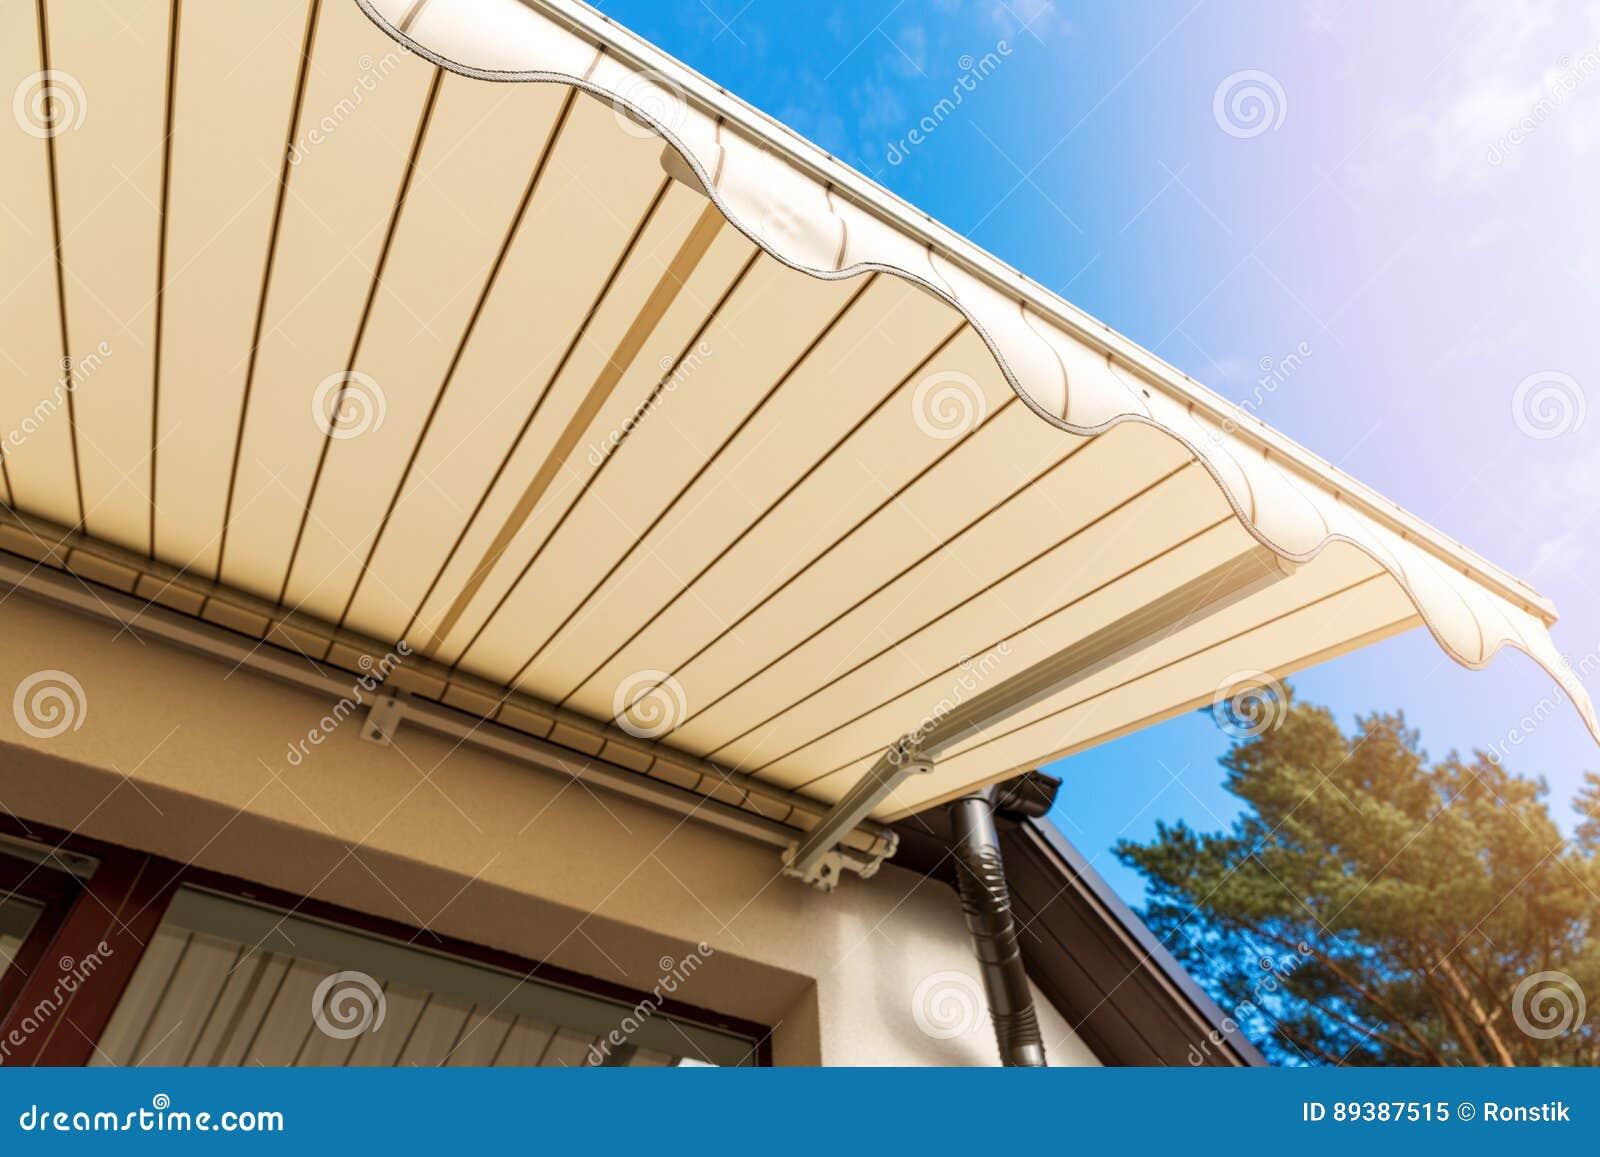 Toldo sobre a janela do balcão contra o céu azul